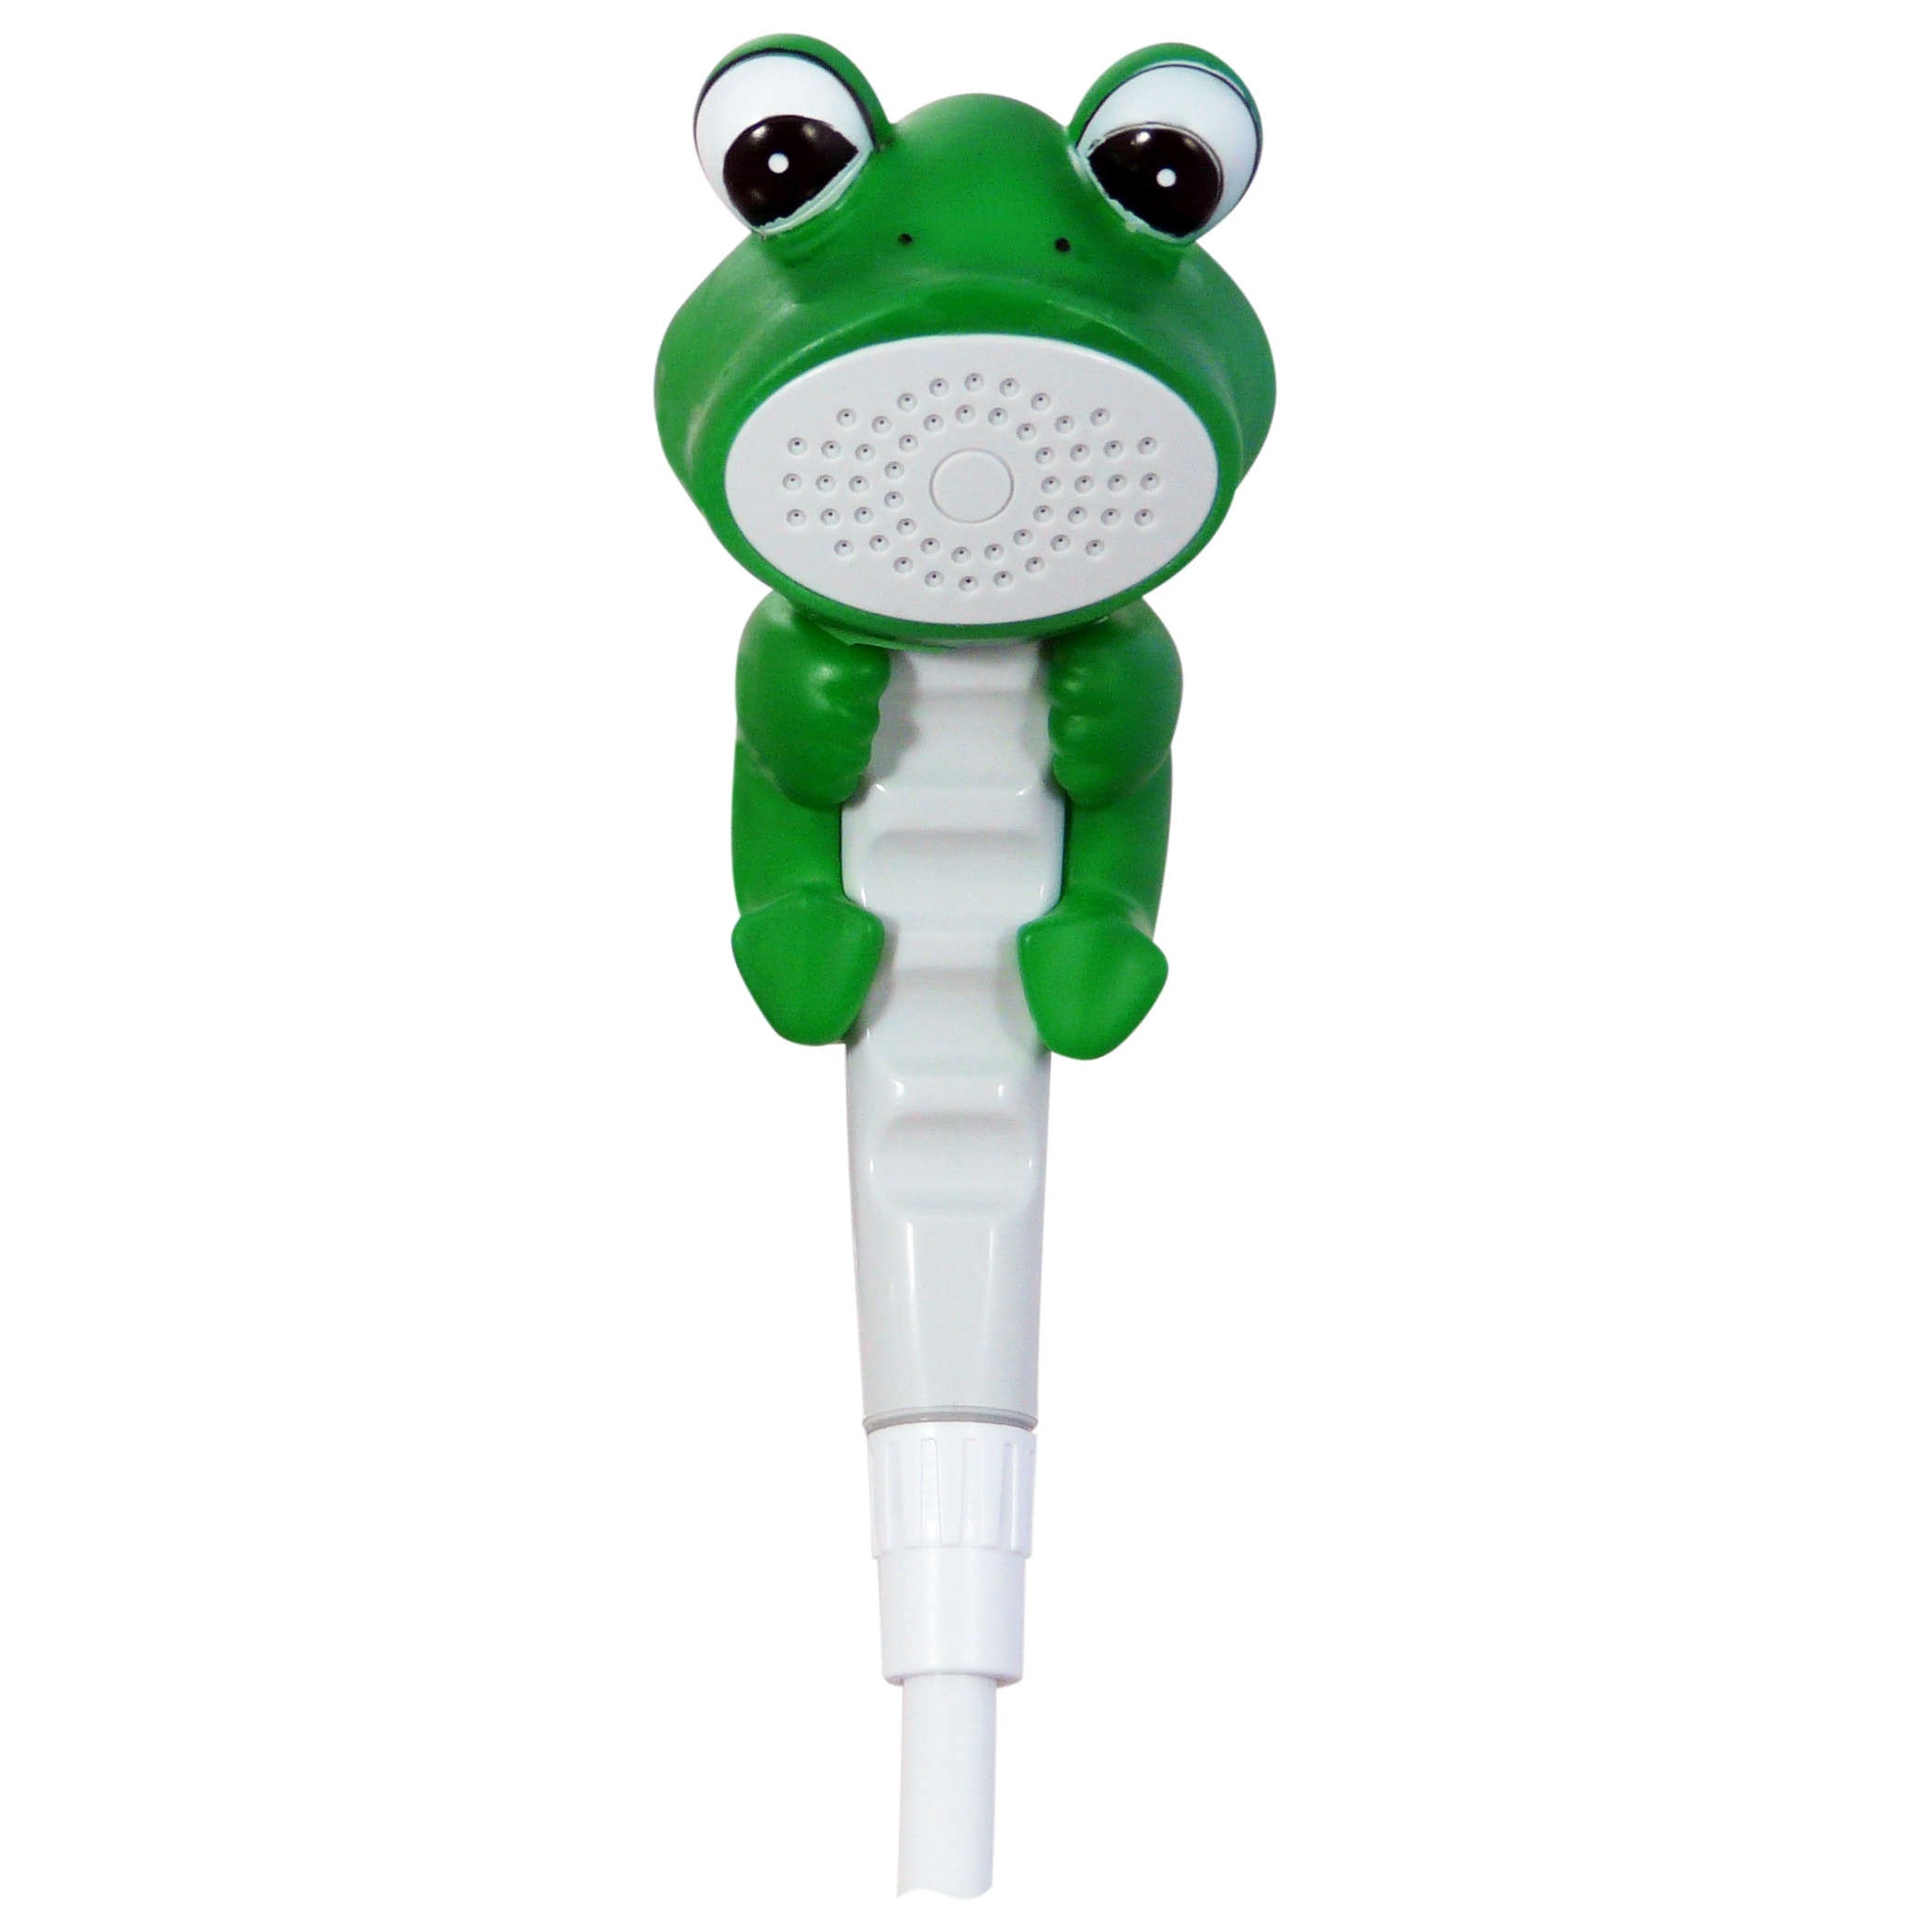 Conservco Rdnf-F Froggie Children's Shower Head (Showerhe...